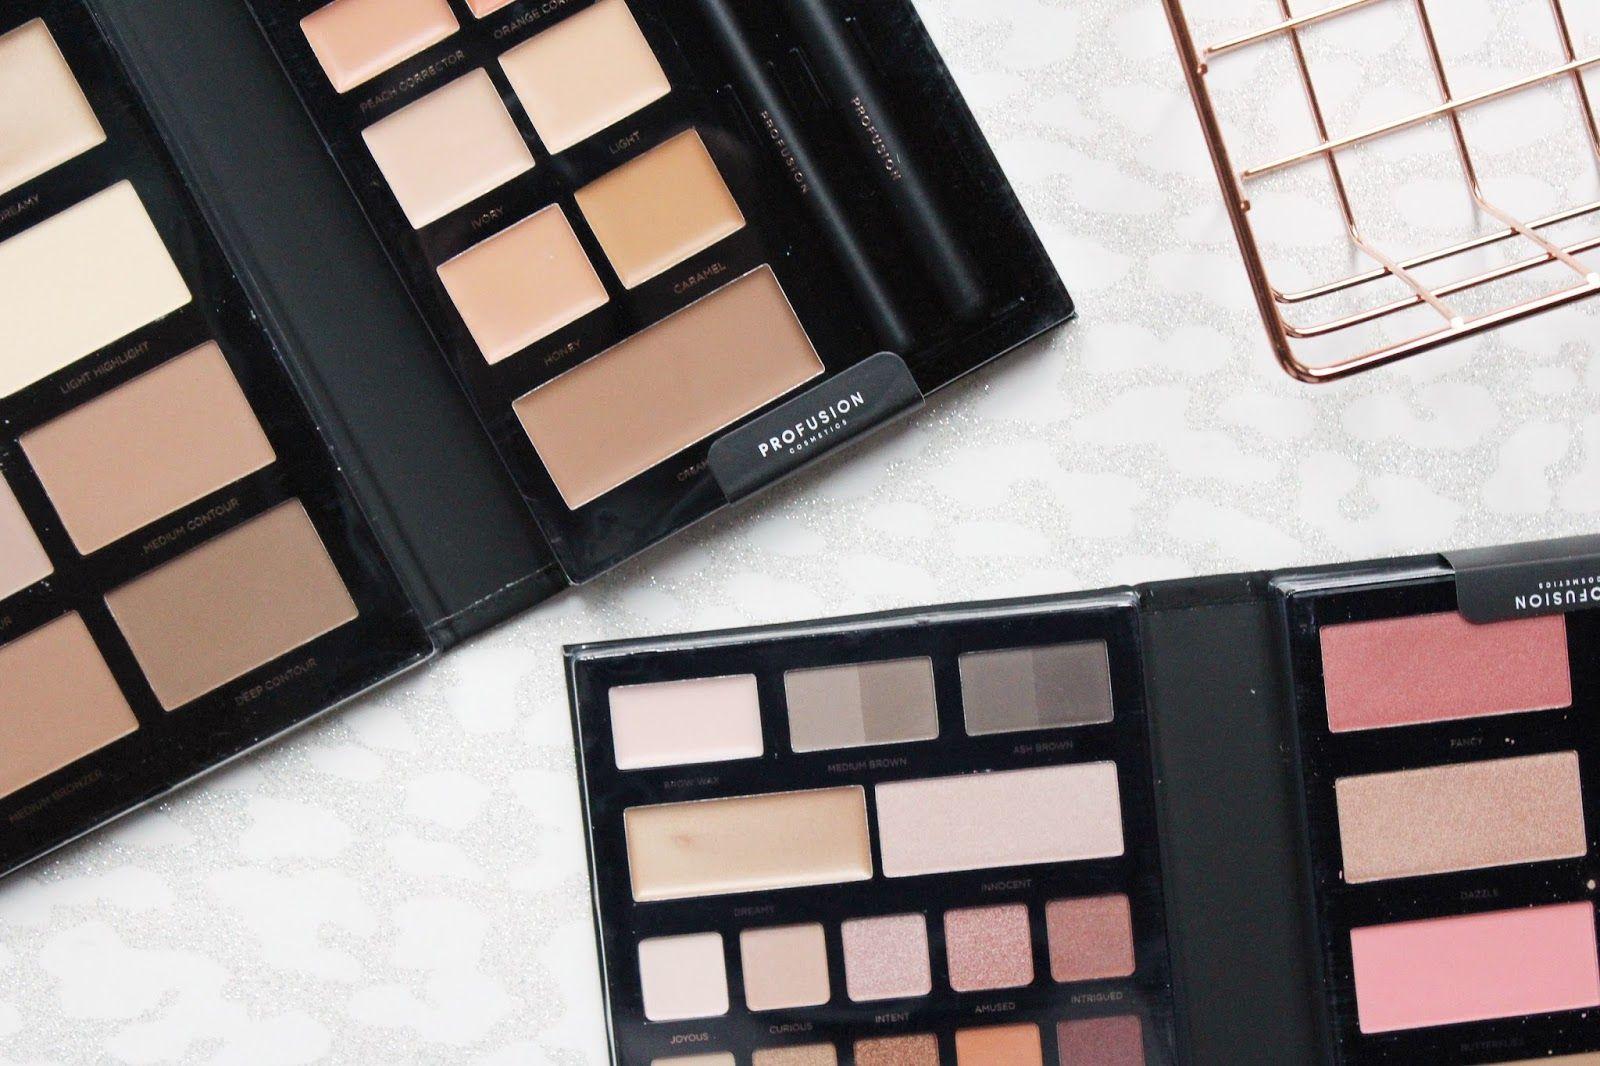 Profusion Makeup Palettes Makeup palette, Makeup